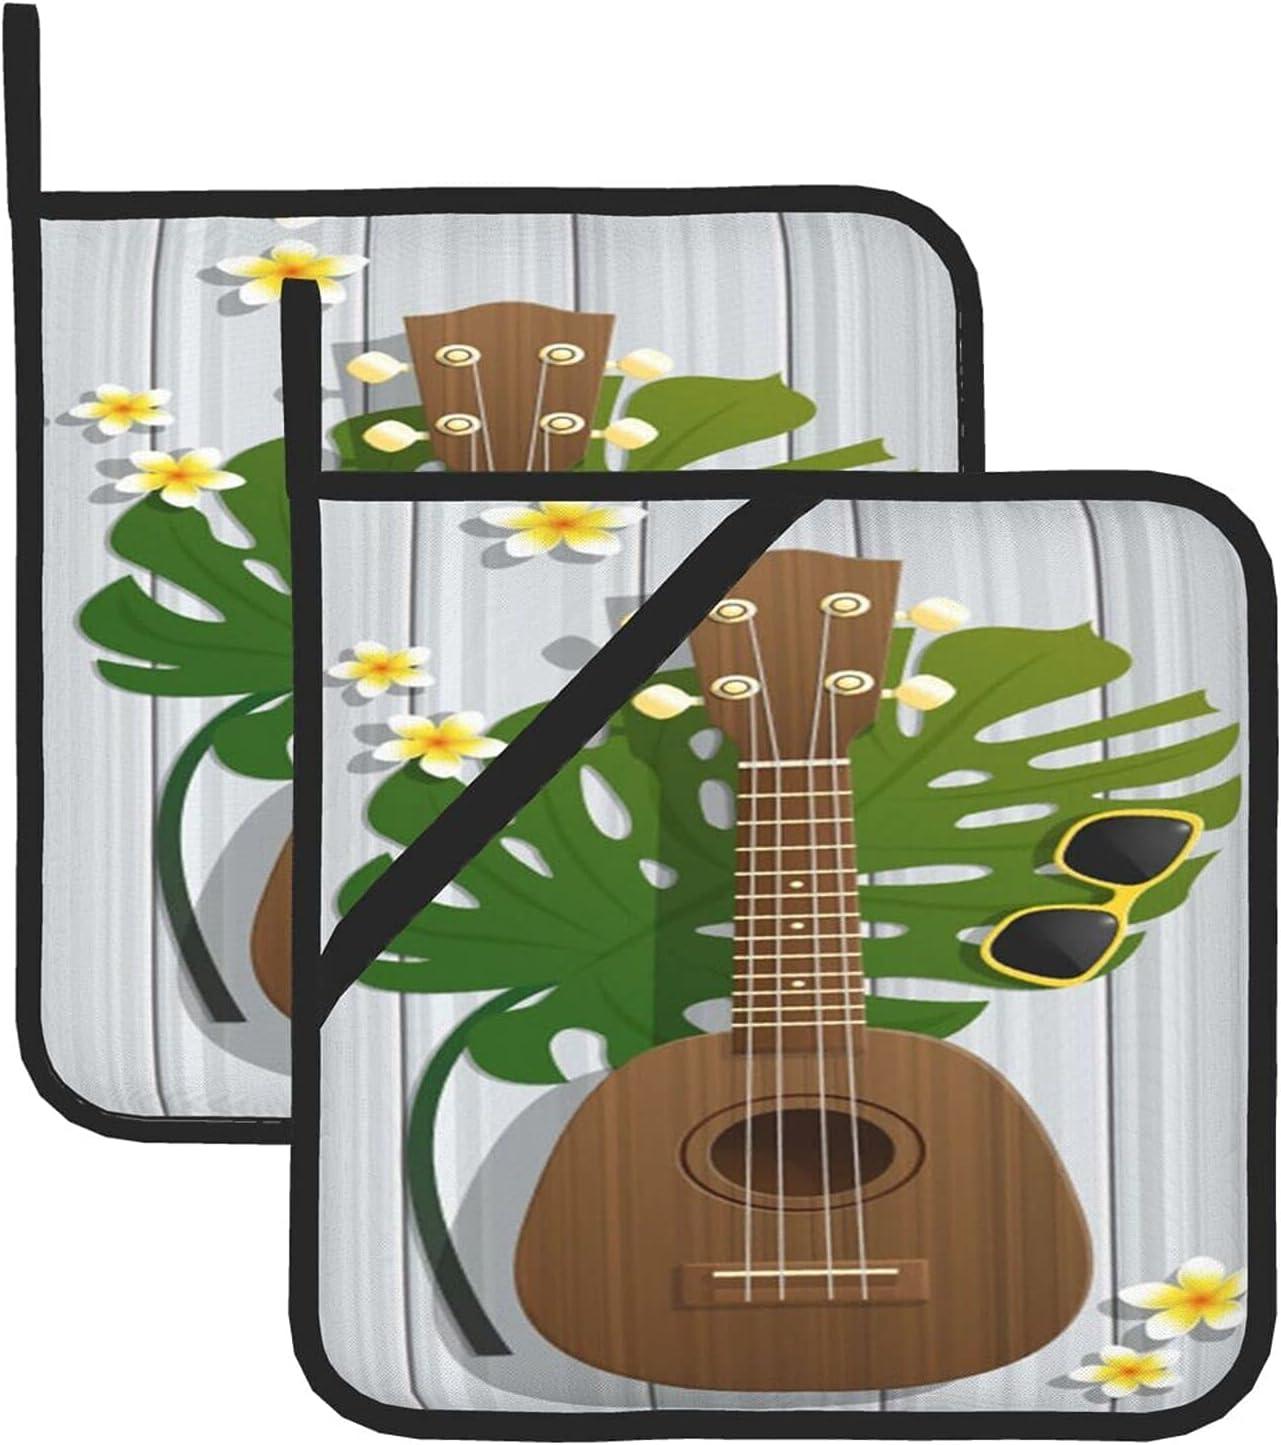 AOOEDM Hello Summer Guitarra Hojas de Palma Sostenedores de ollas Mitones de Horno Agarradores de ollas Resistentes al Calor para cocinar Parrillas de microondas Juego de 2 Almohadillas de aislamien